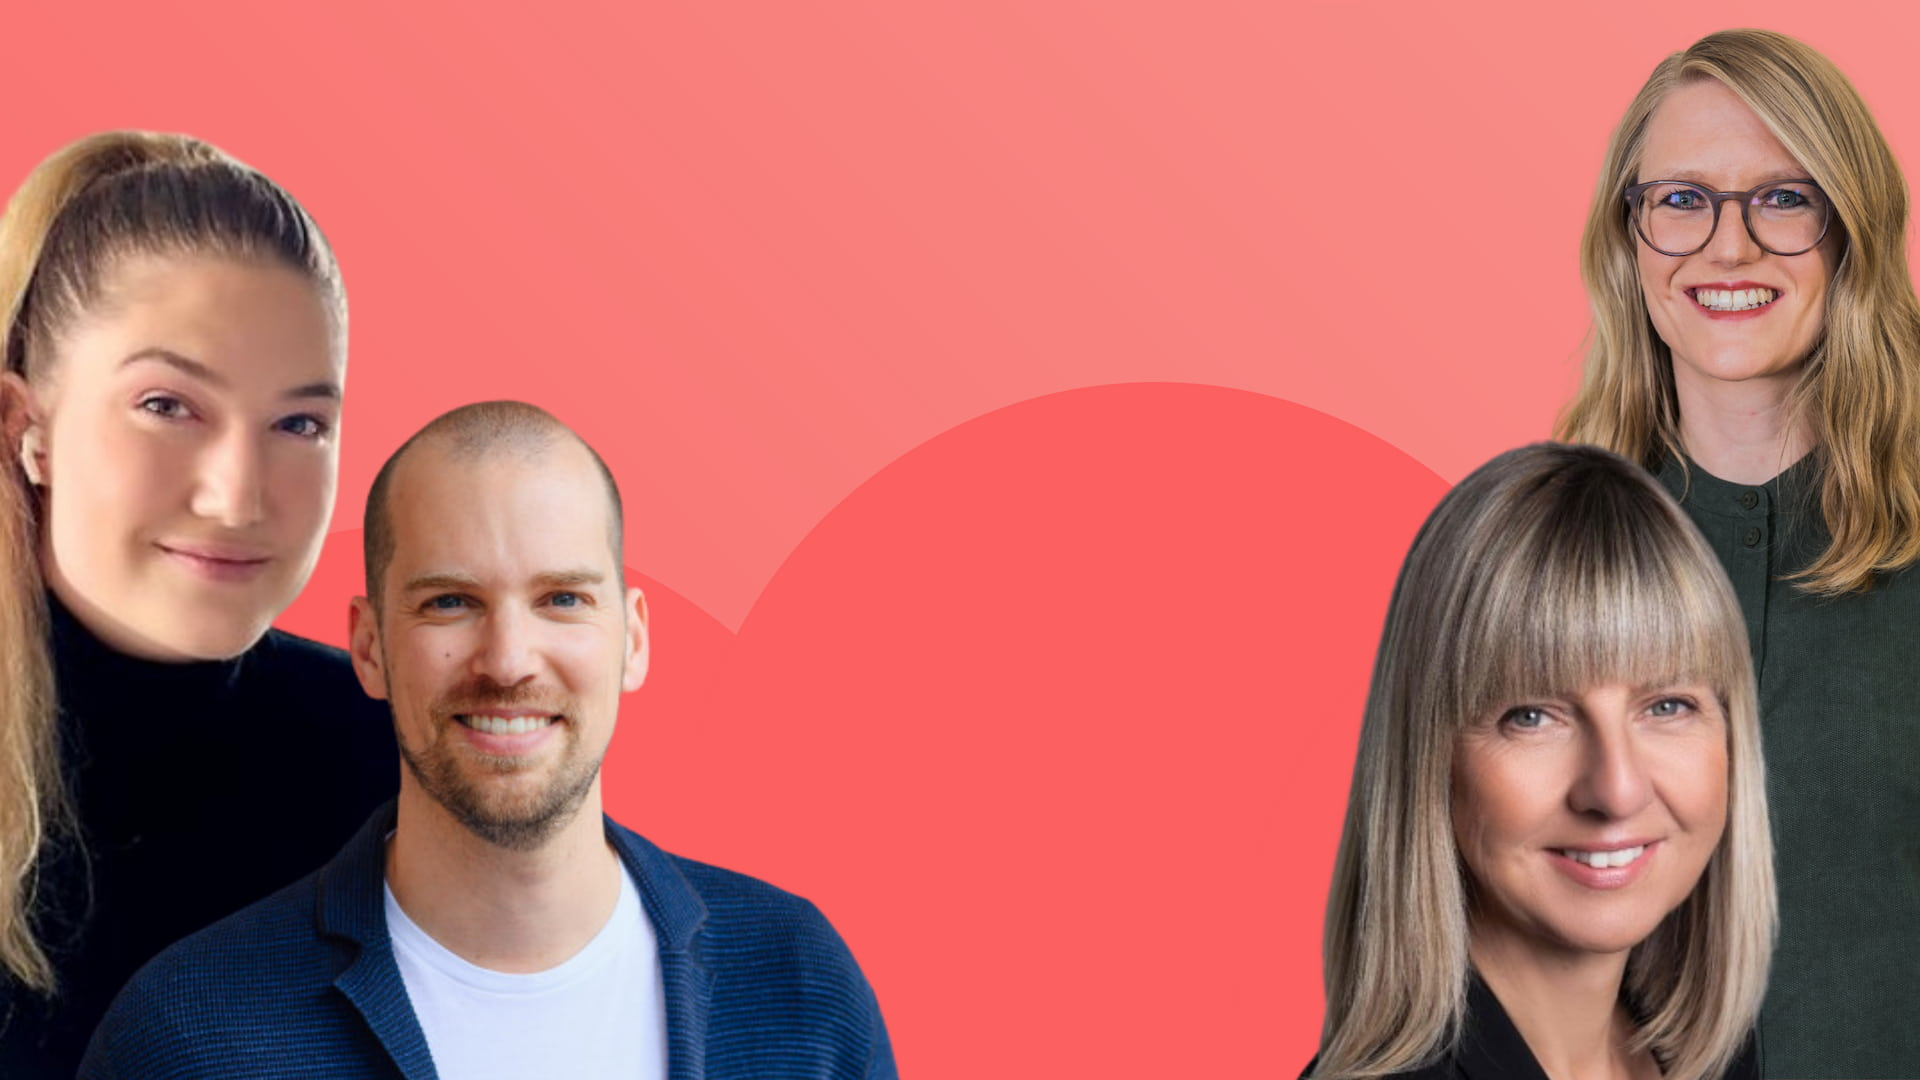 Unternehmenskultur der Zukunft: Werte entwickeln I Mit Katarina Ivankovic & Holger Teske